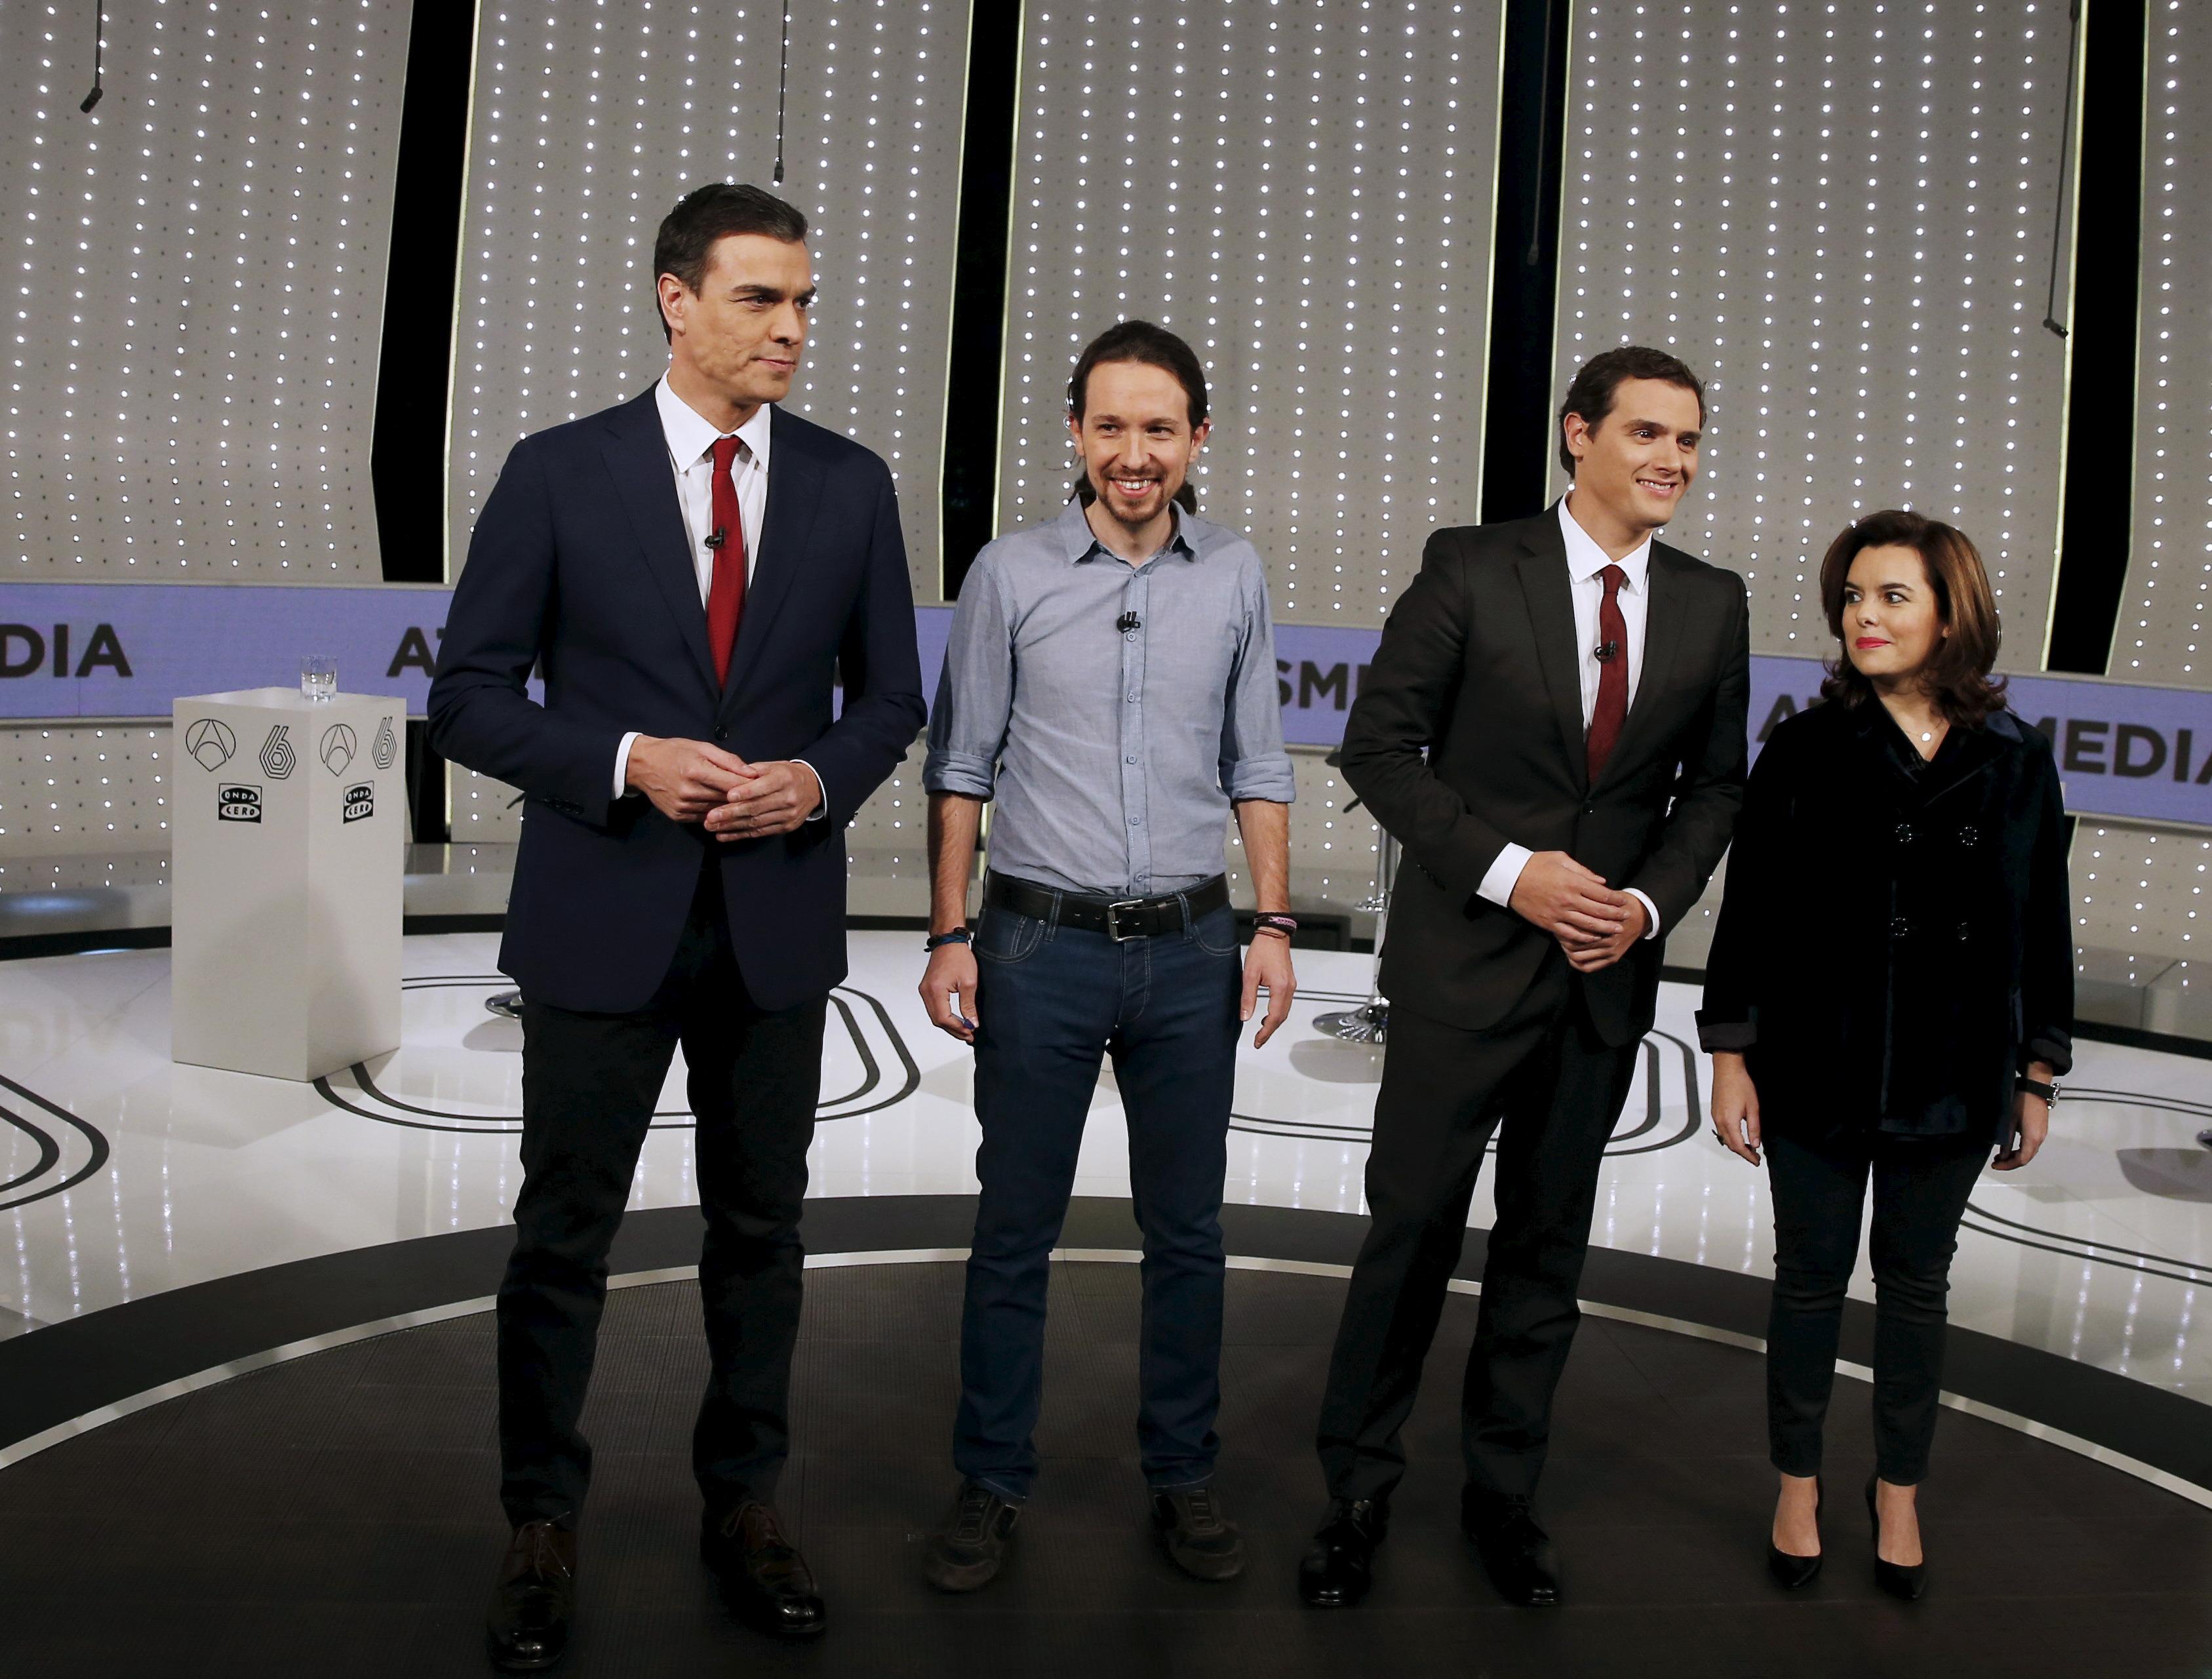 Pedro Sanchez, Pablo Iglesias, Albert Rivera y Soraya Sáenz de Santamaria